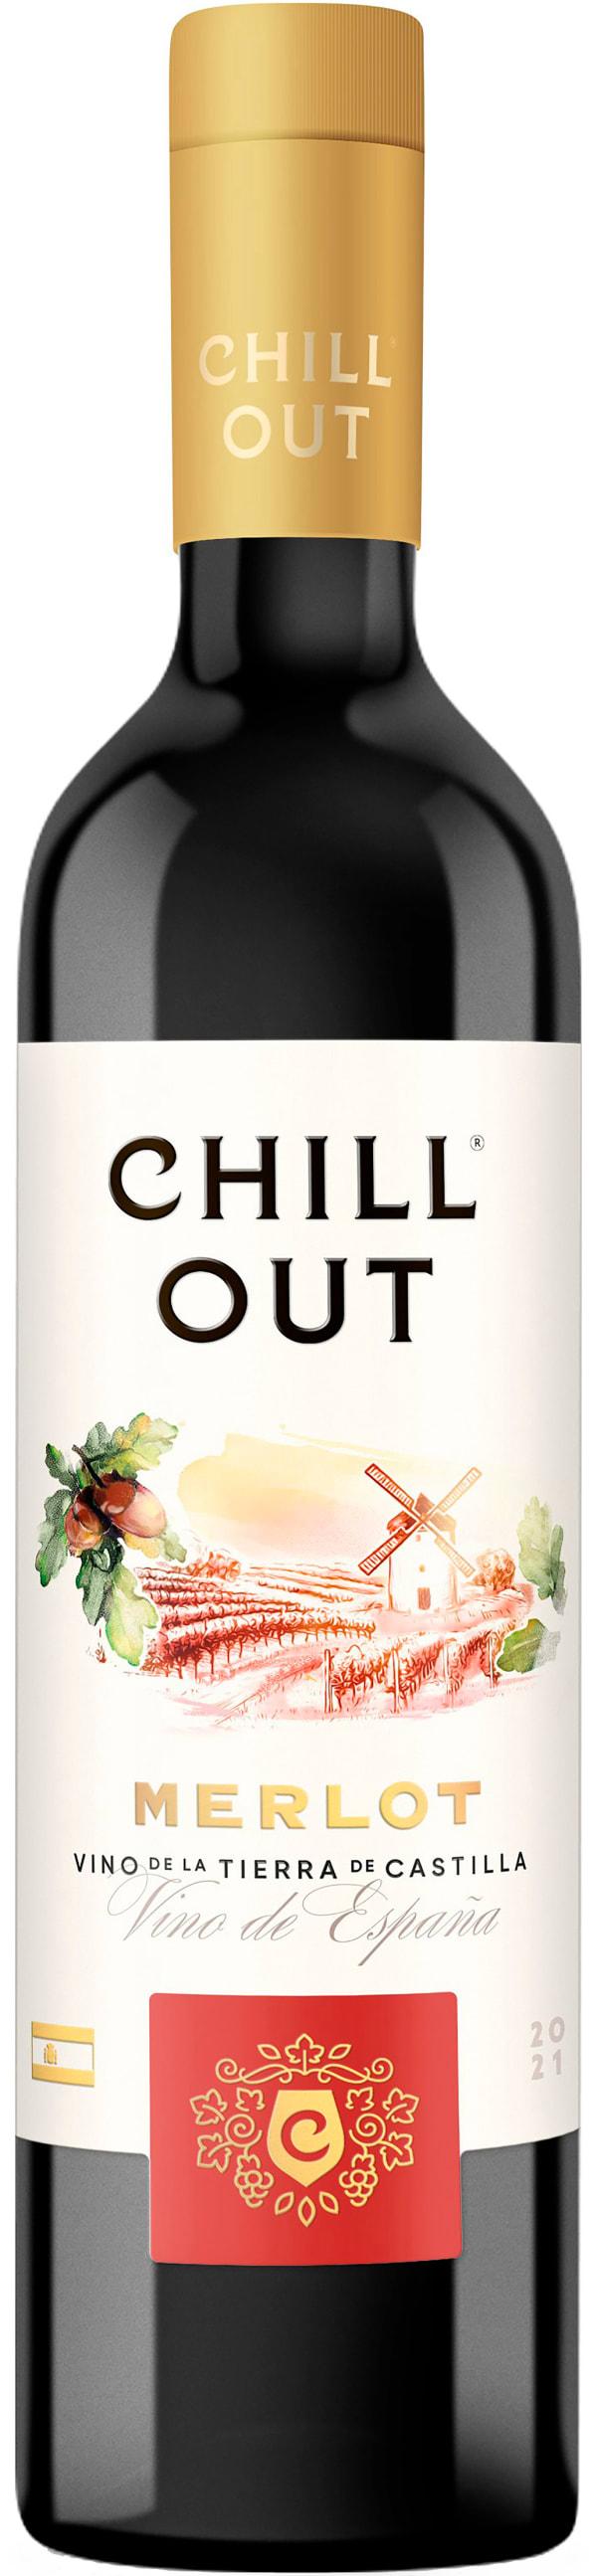 Chill Out Merlot Spain  2017 plastic bottle